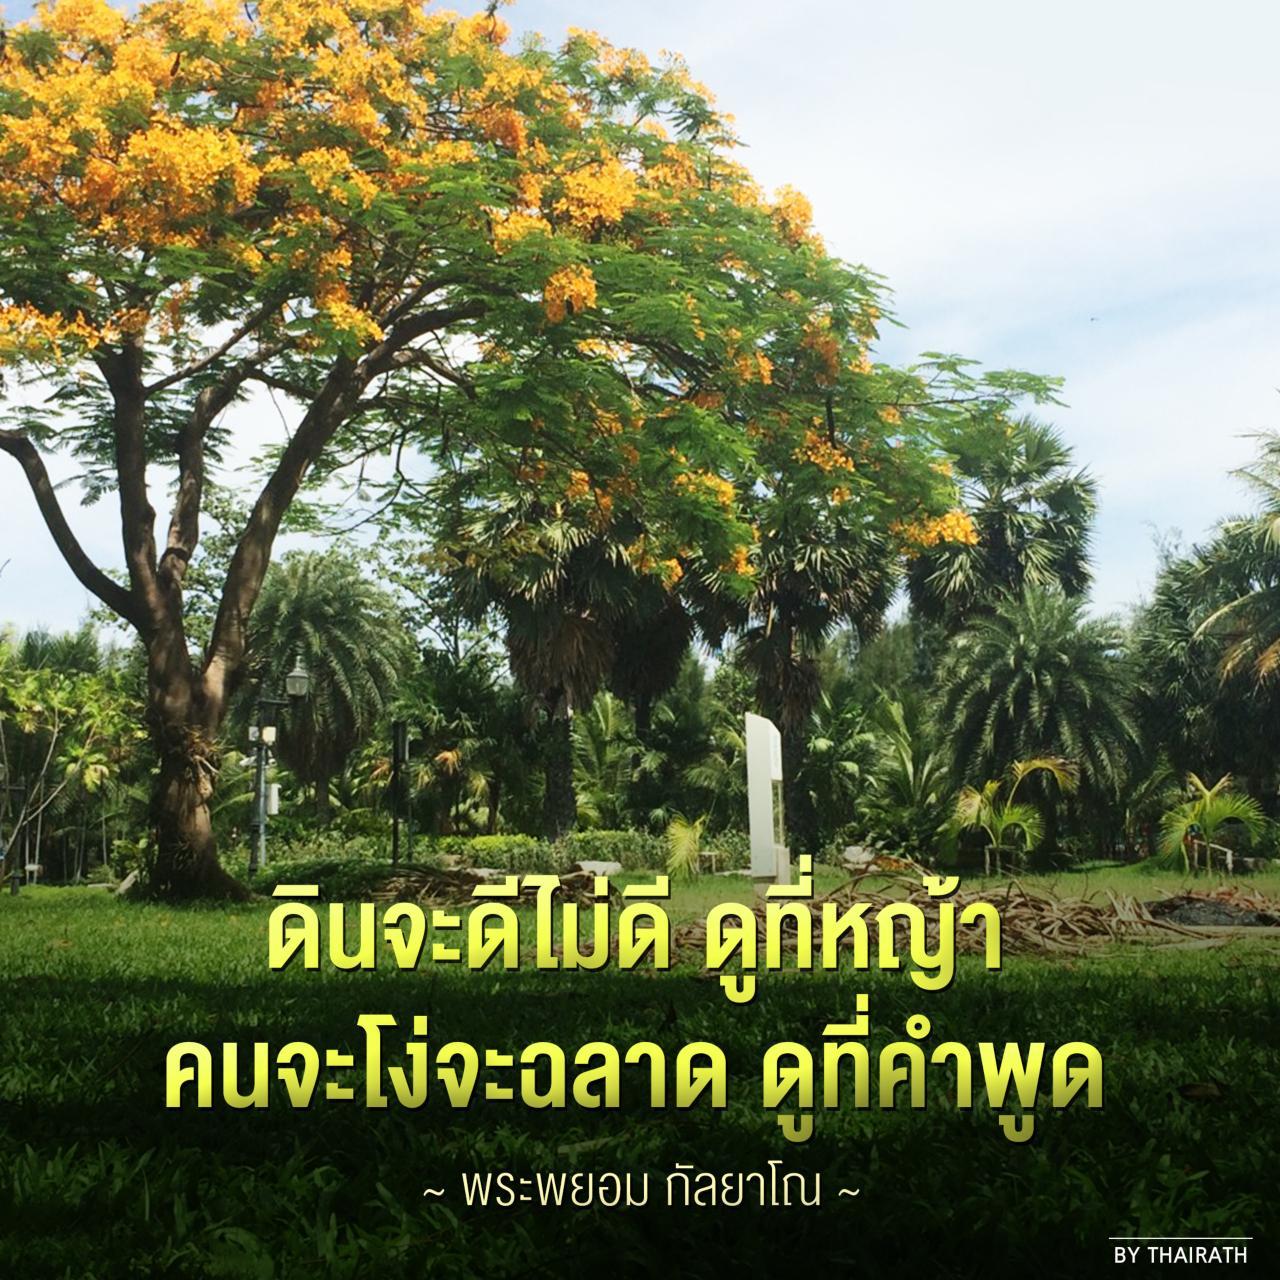 """Thairath_News on Twitter: """"ดินจะดีไม่ดี ดูที่หญ้า คนจะโง่ ..."""